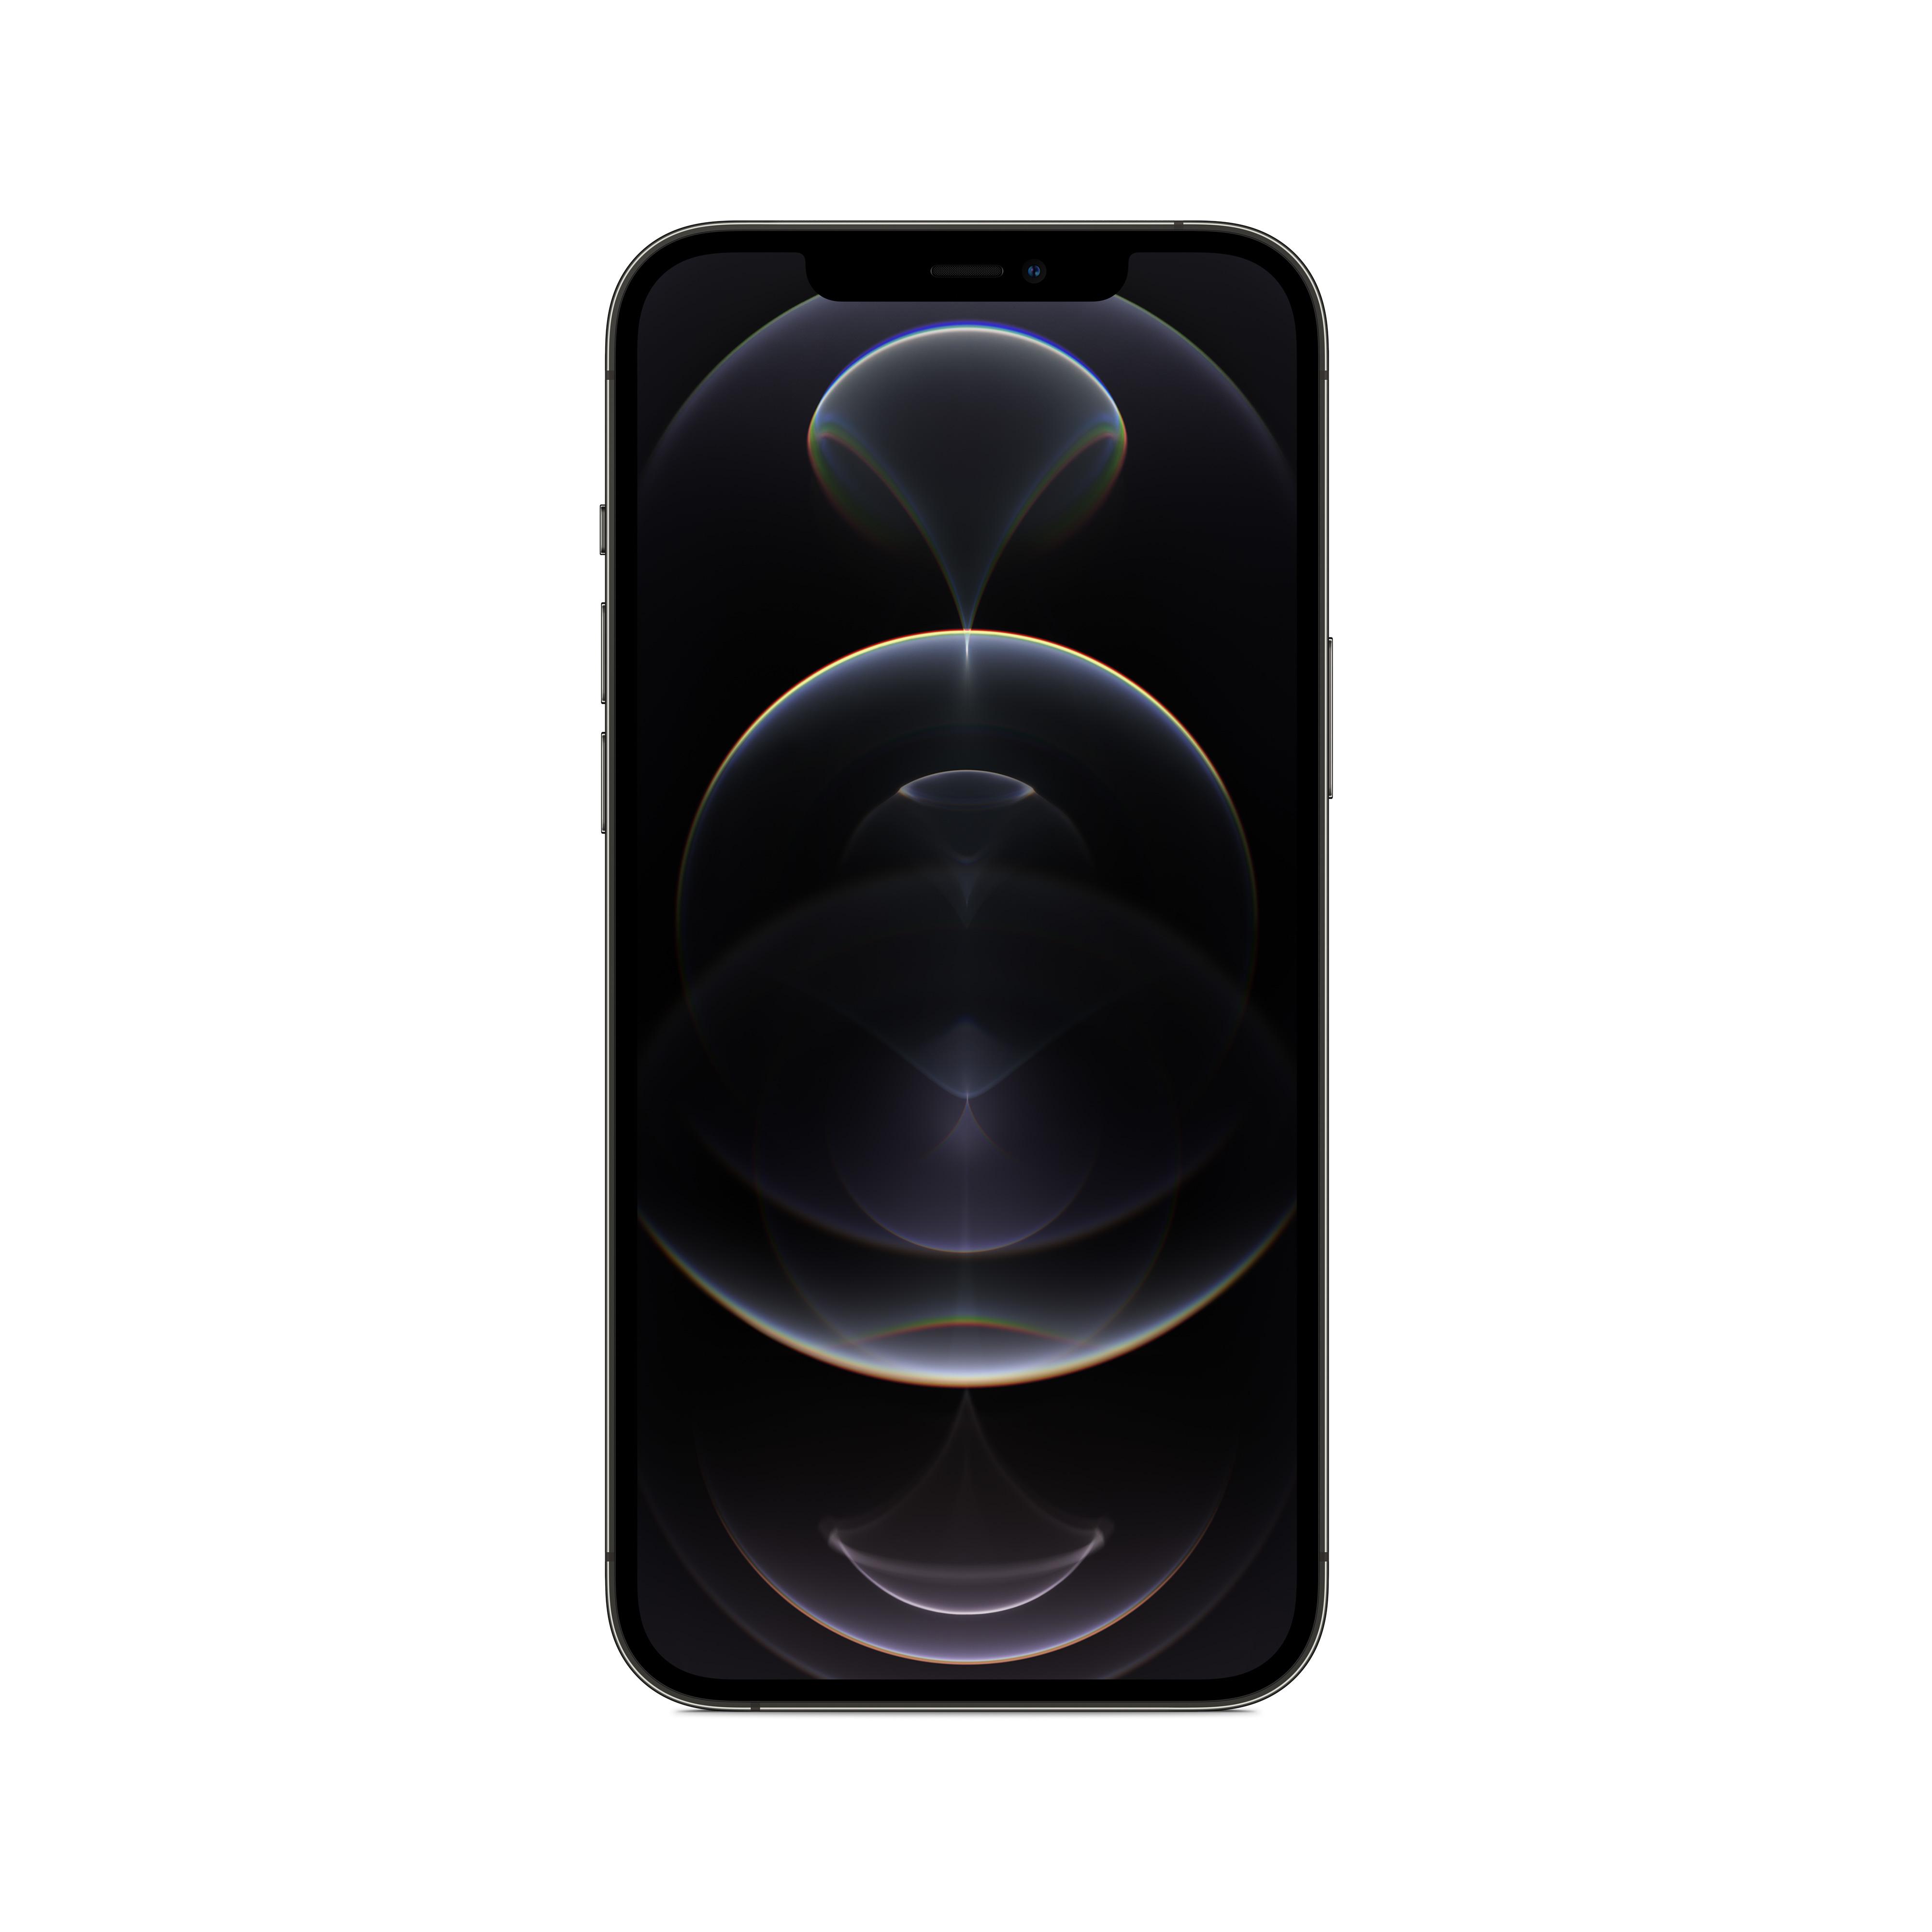 Apple - iPhone 12 Pro Max 512gb Graphite